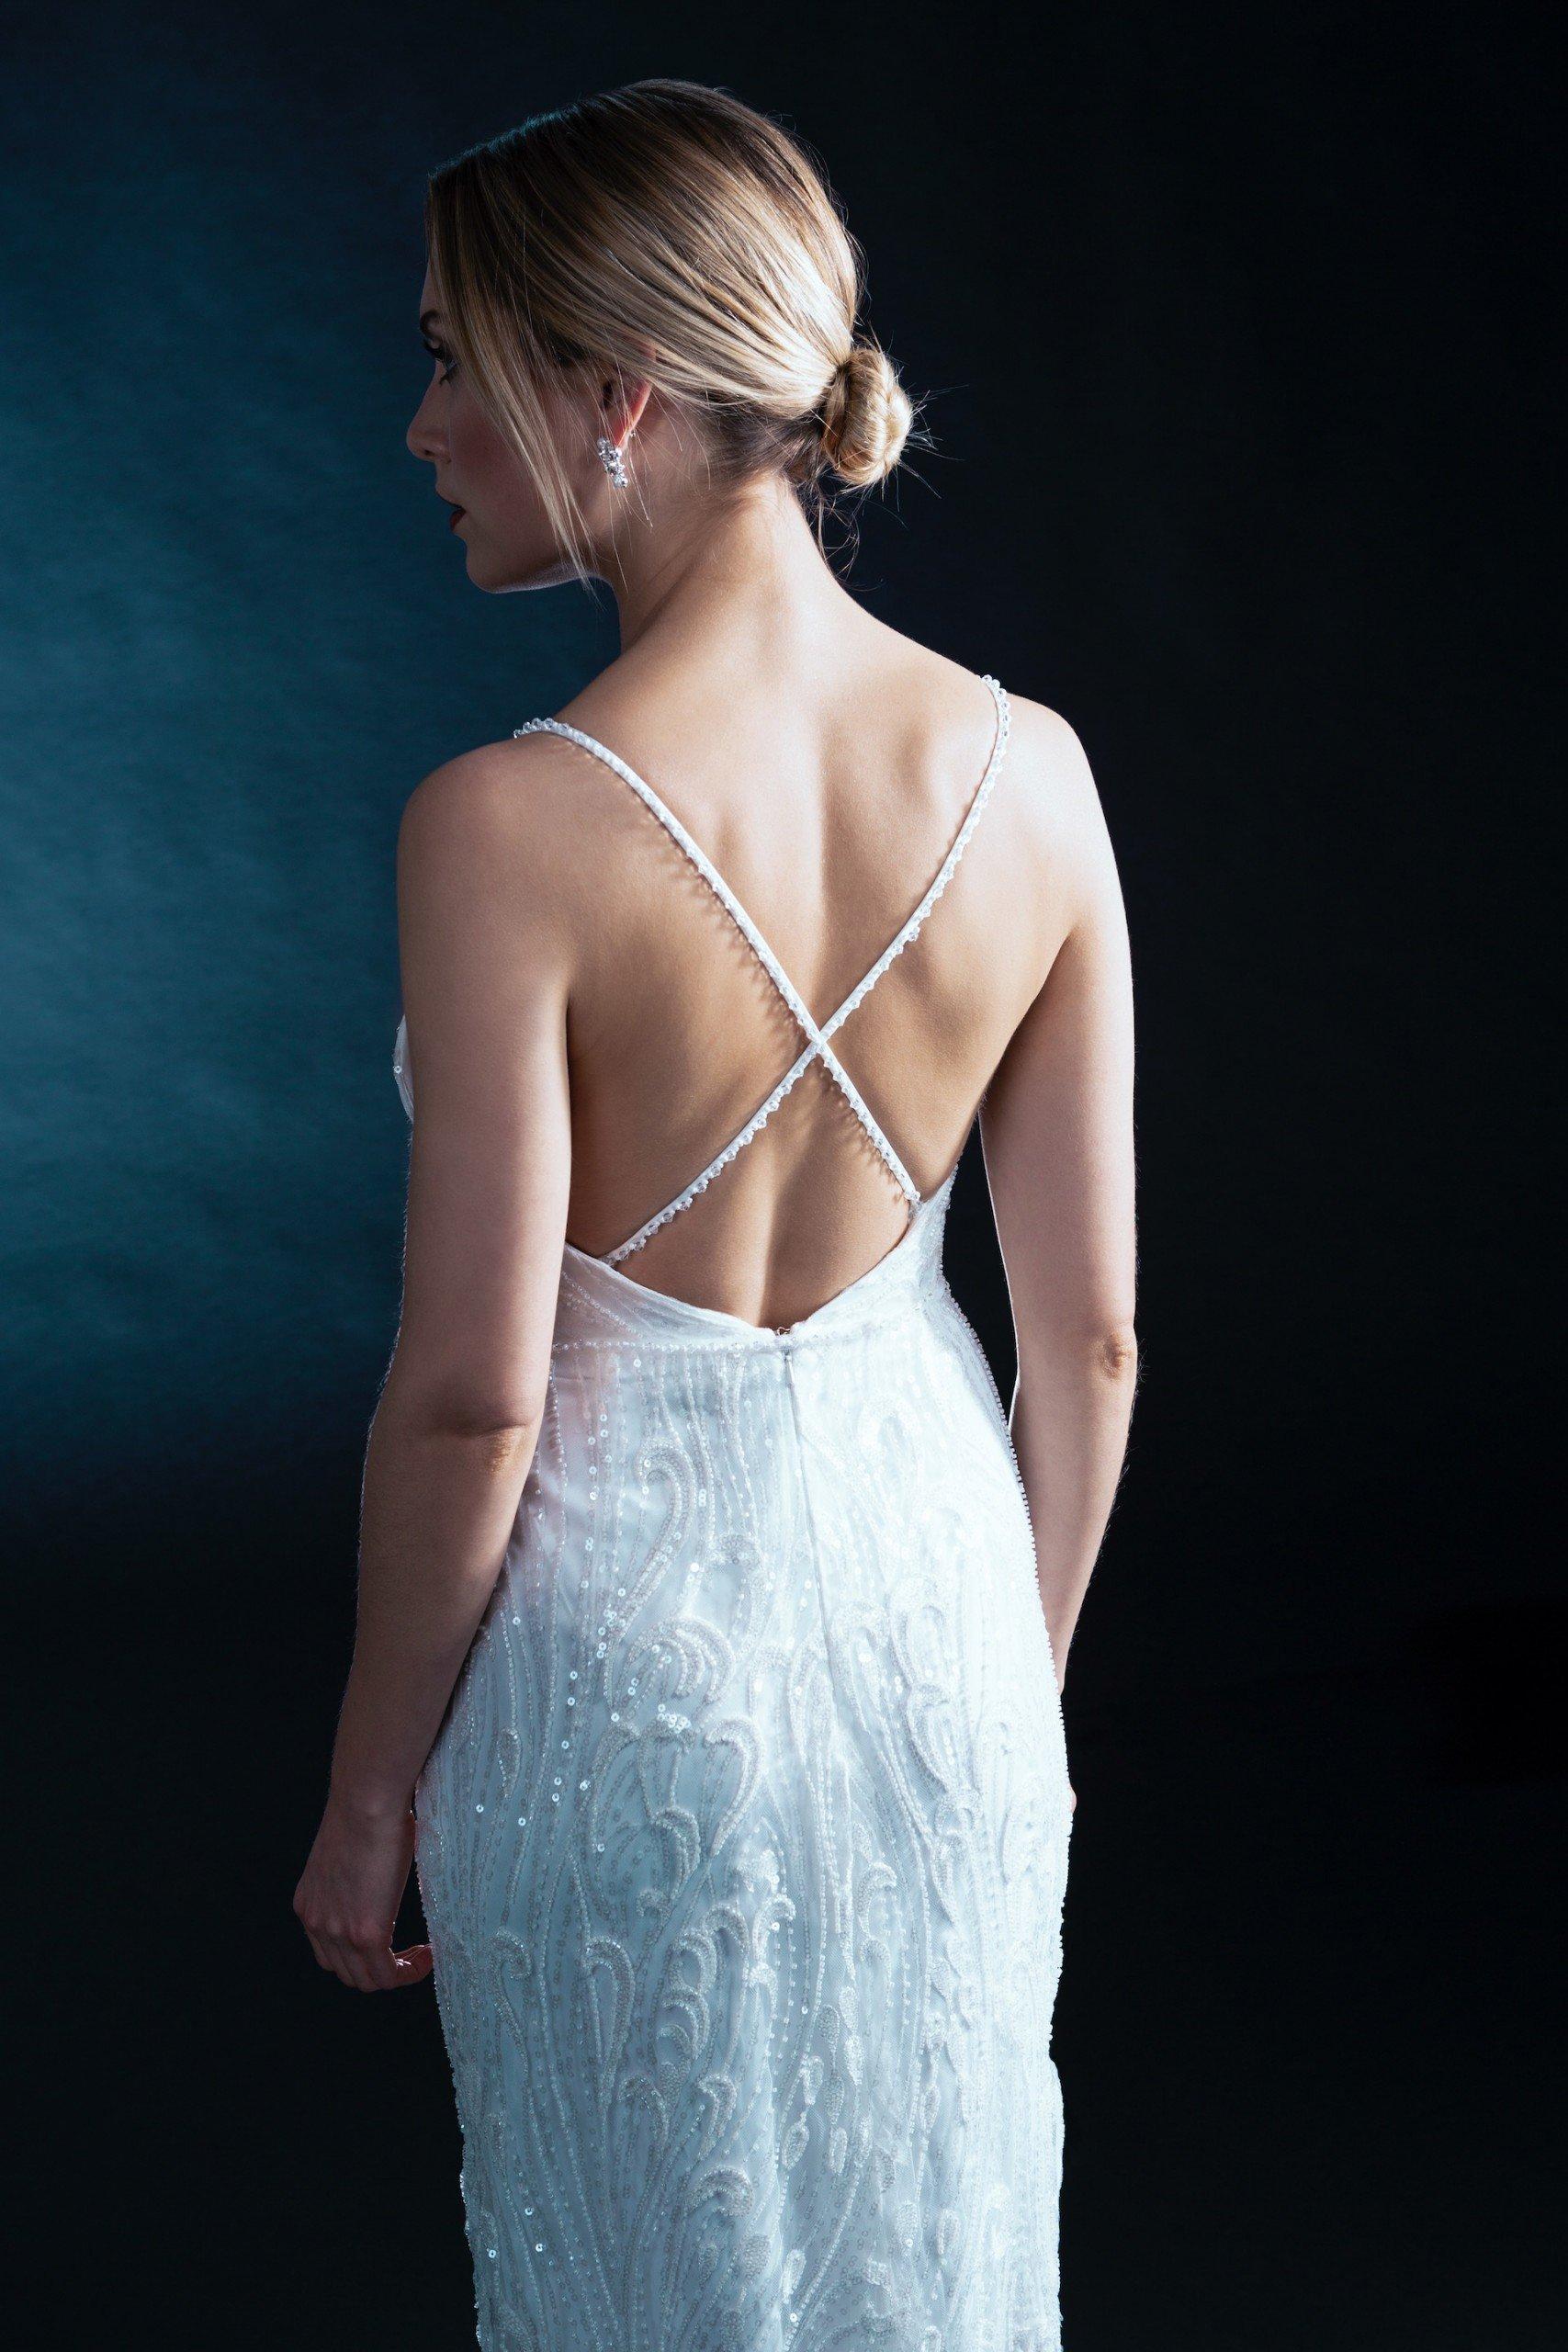 Fit-and-Flare-Brautkleid mit Plunge-Ausschnitt, Spaghettiträgern und funkelnden Stickereien von Weise Be Galm, Modell 338030